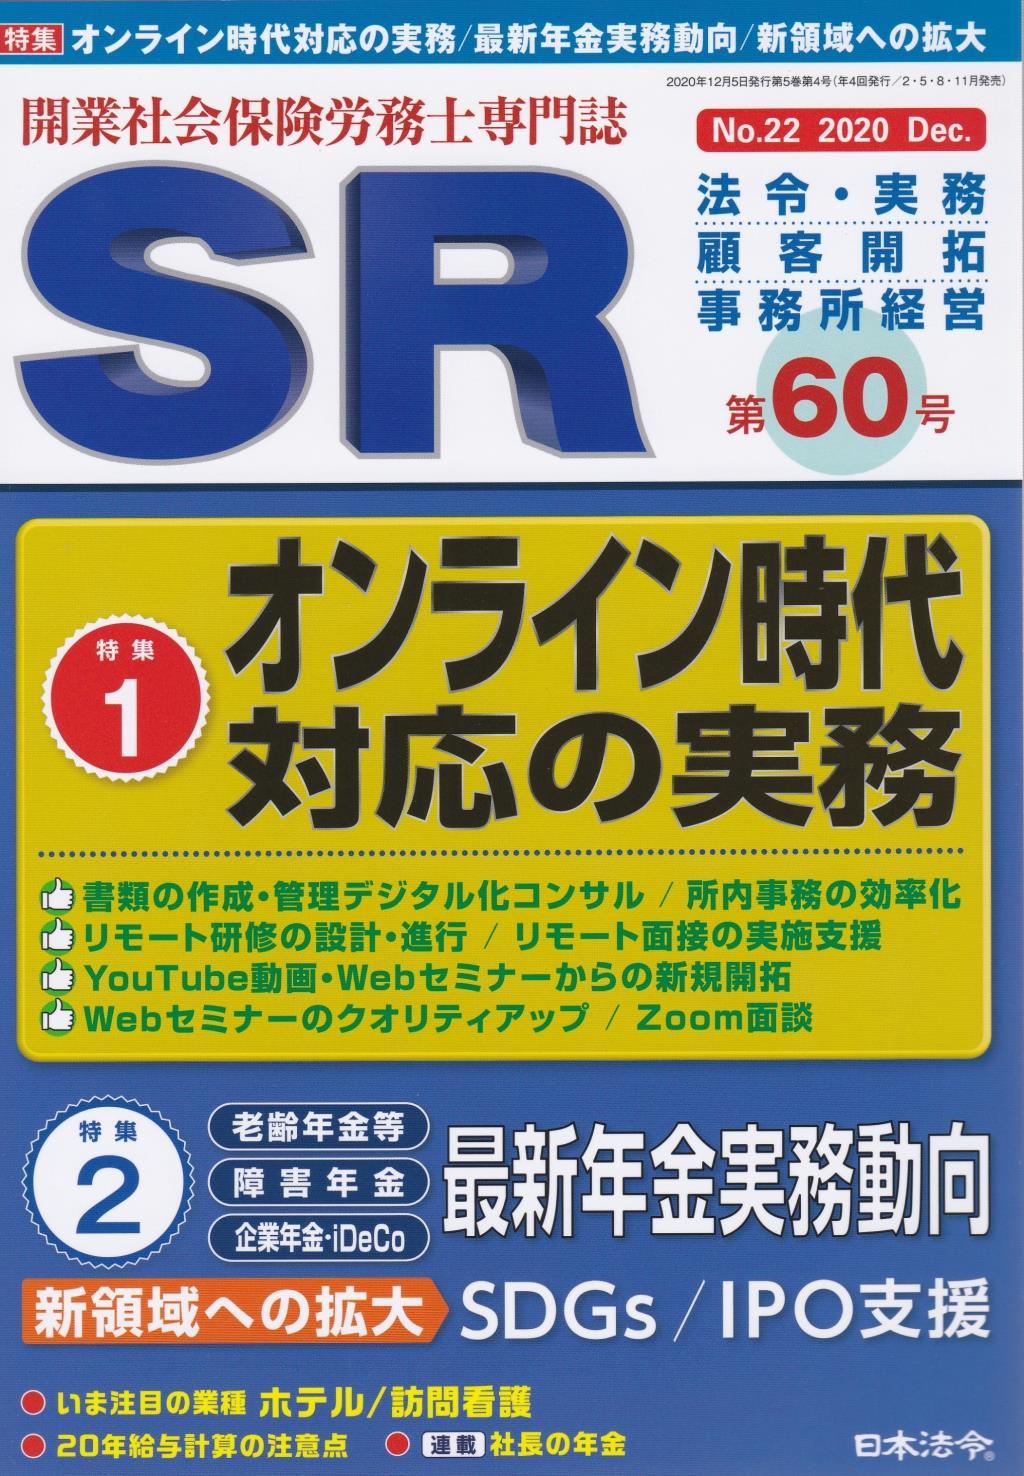 SR 第60号 No.22 2020 Dec